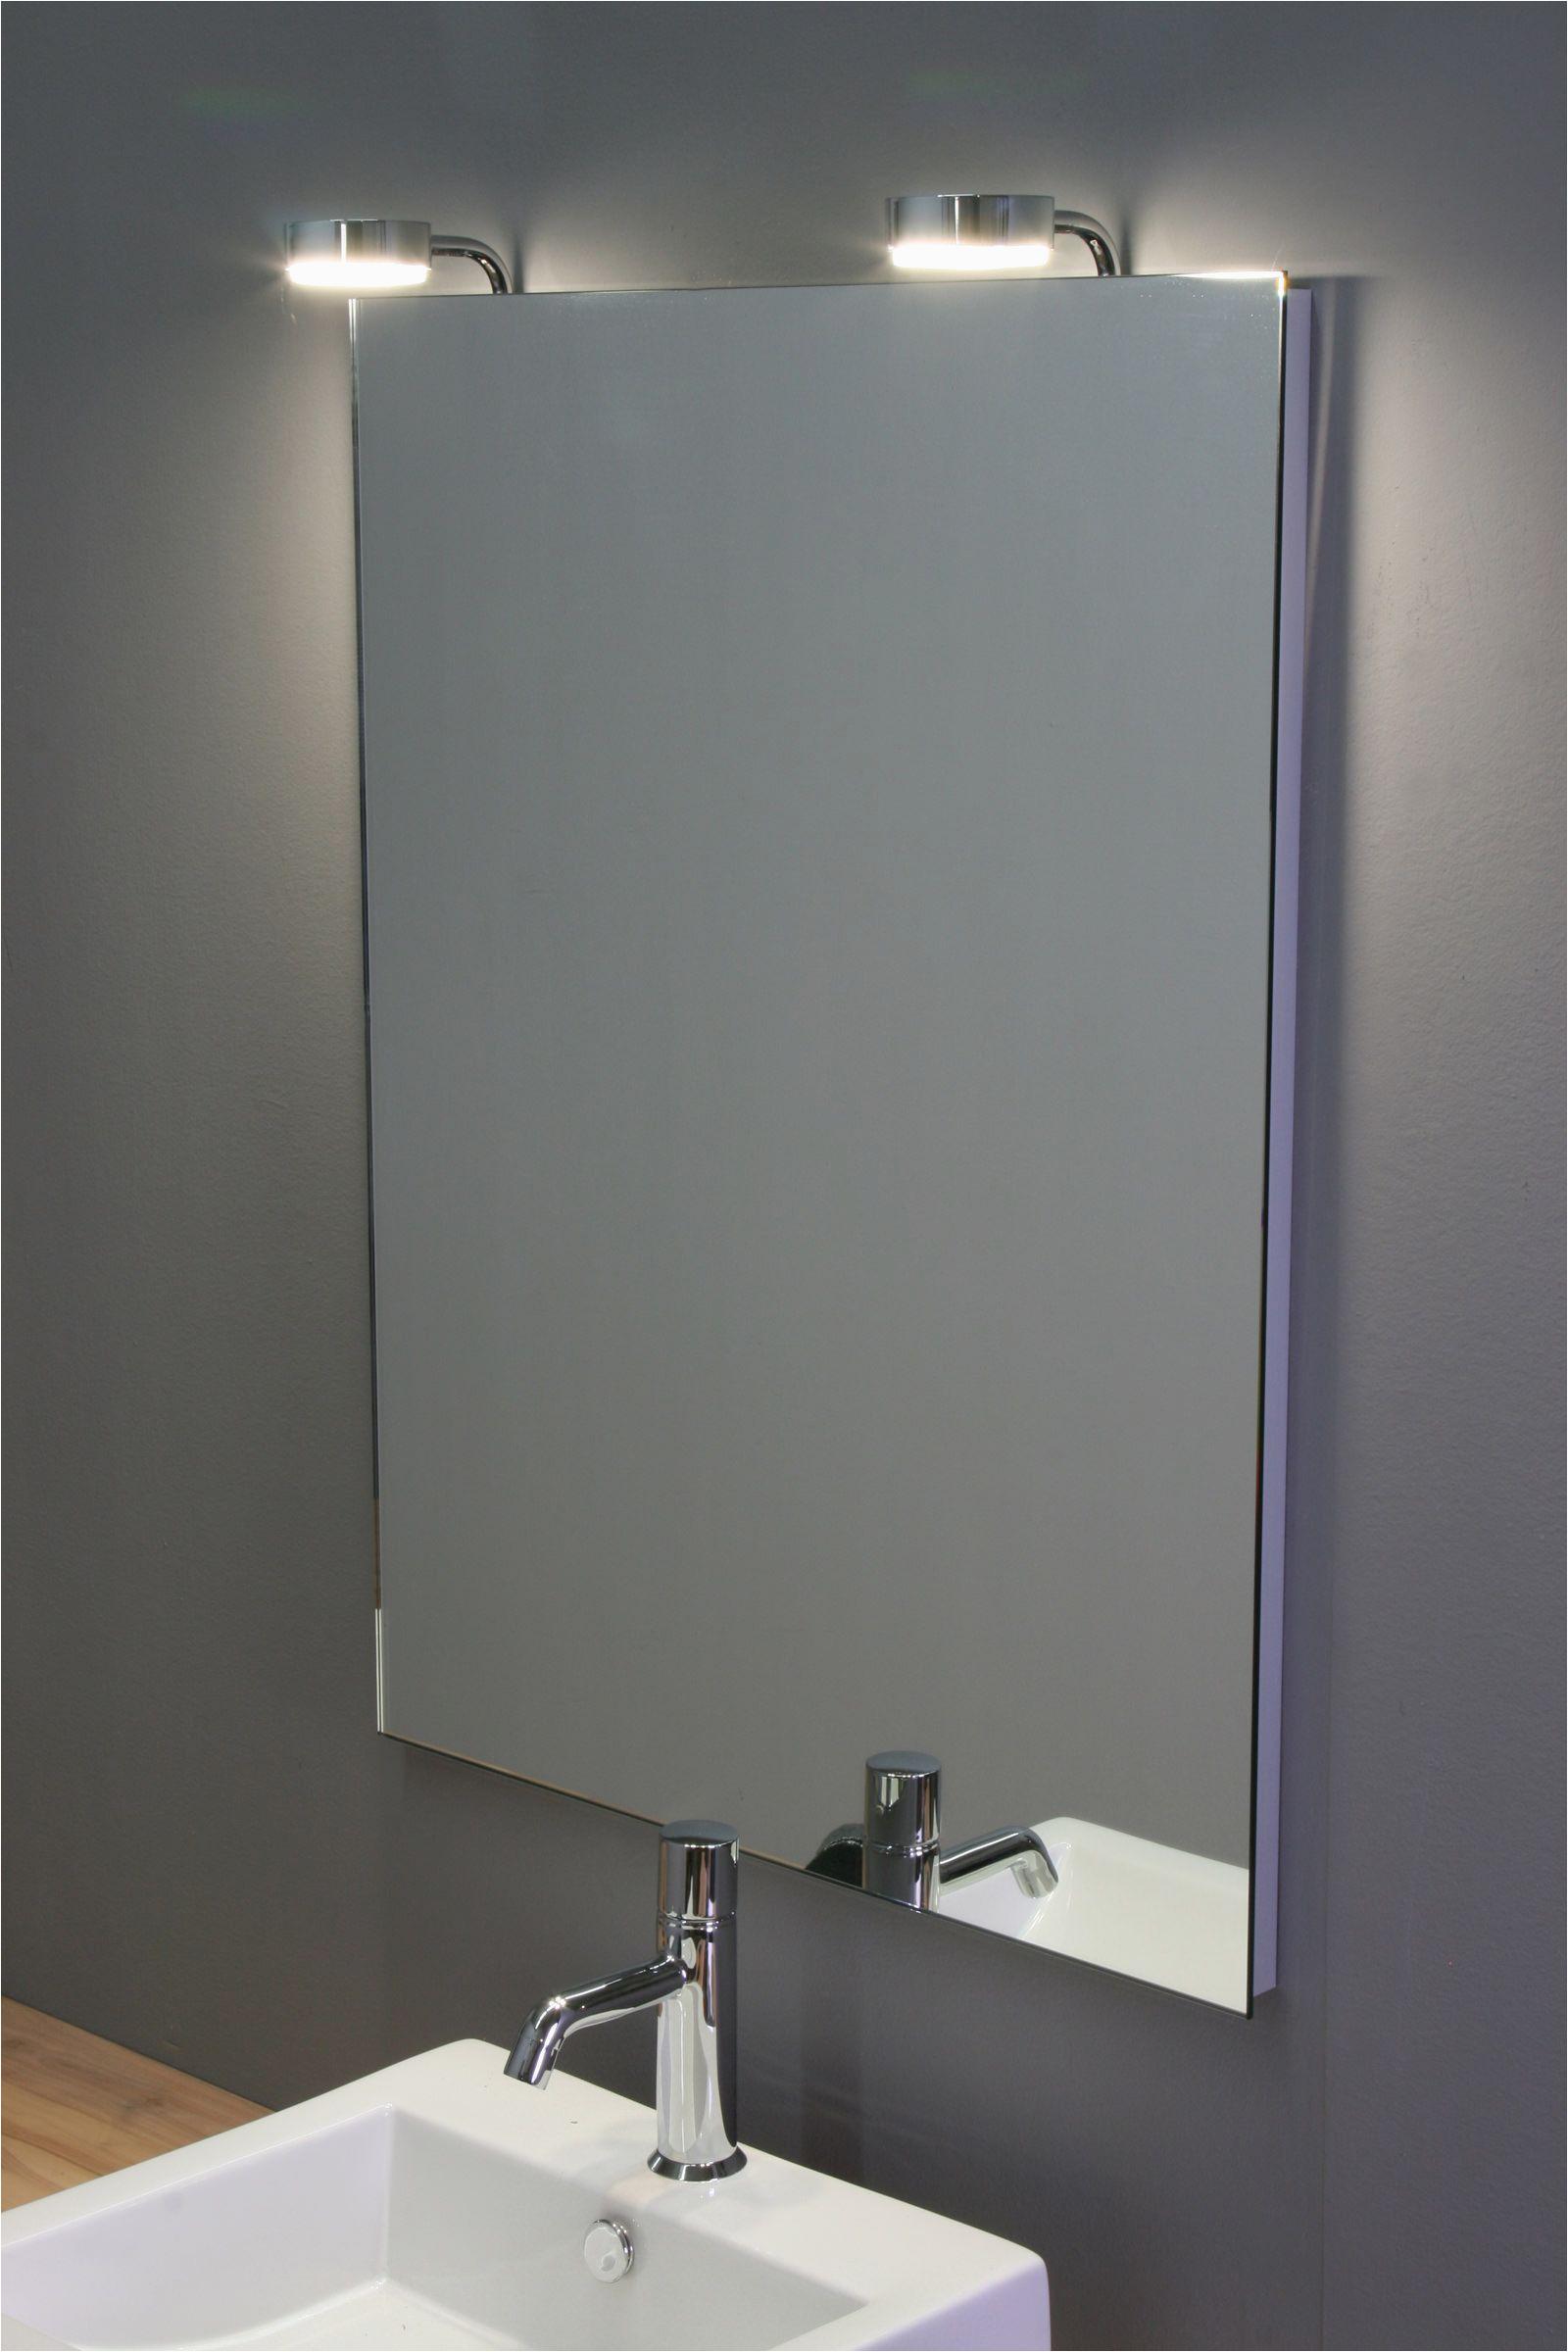 Ikea Badezimmer Spiegel Licht Led Spiegelleuchte Dribb